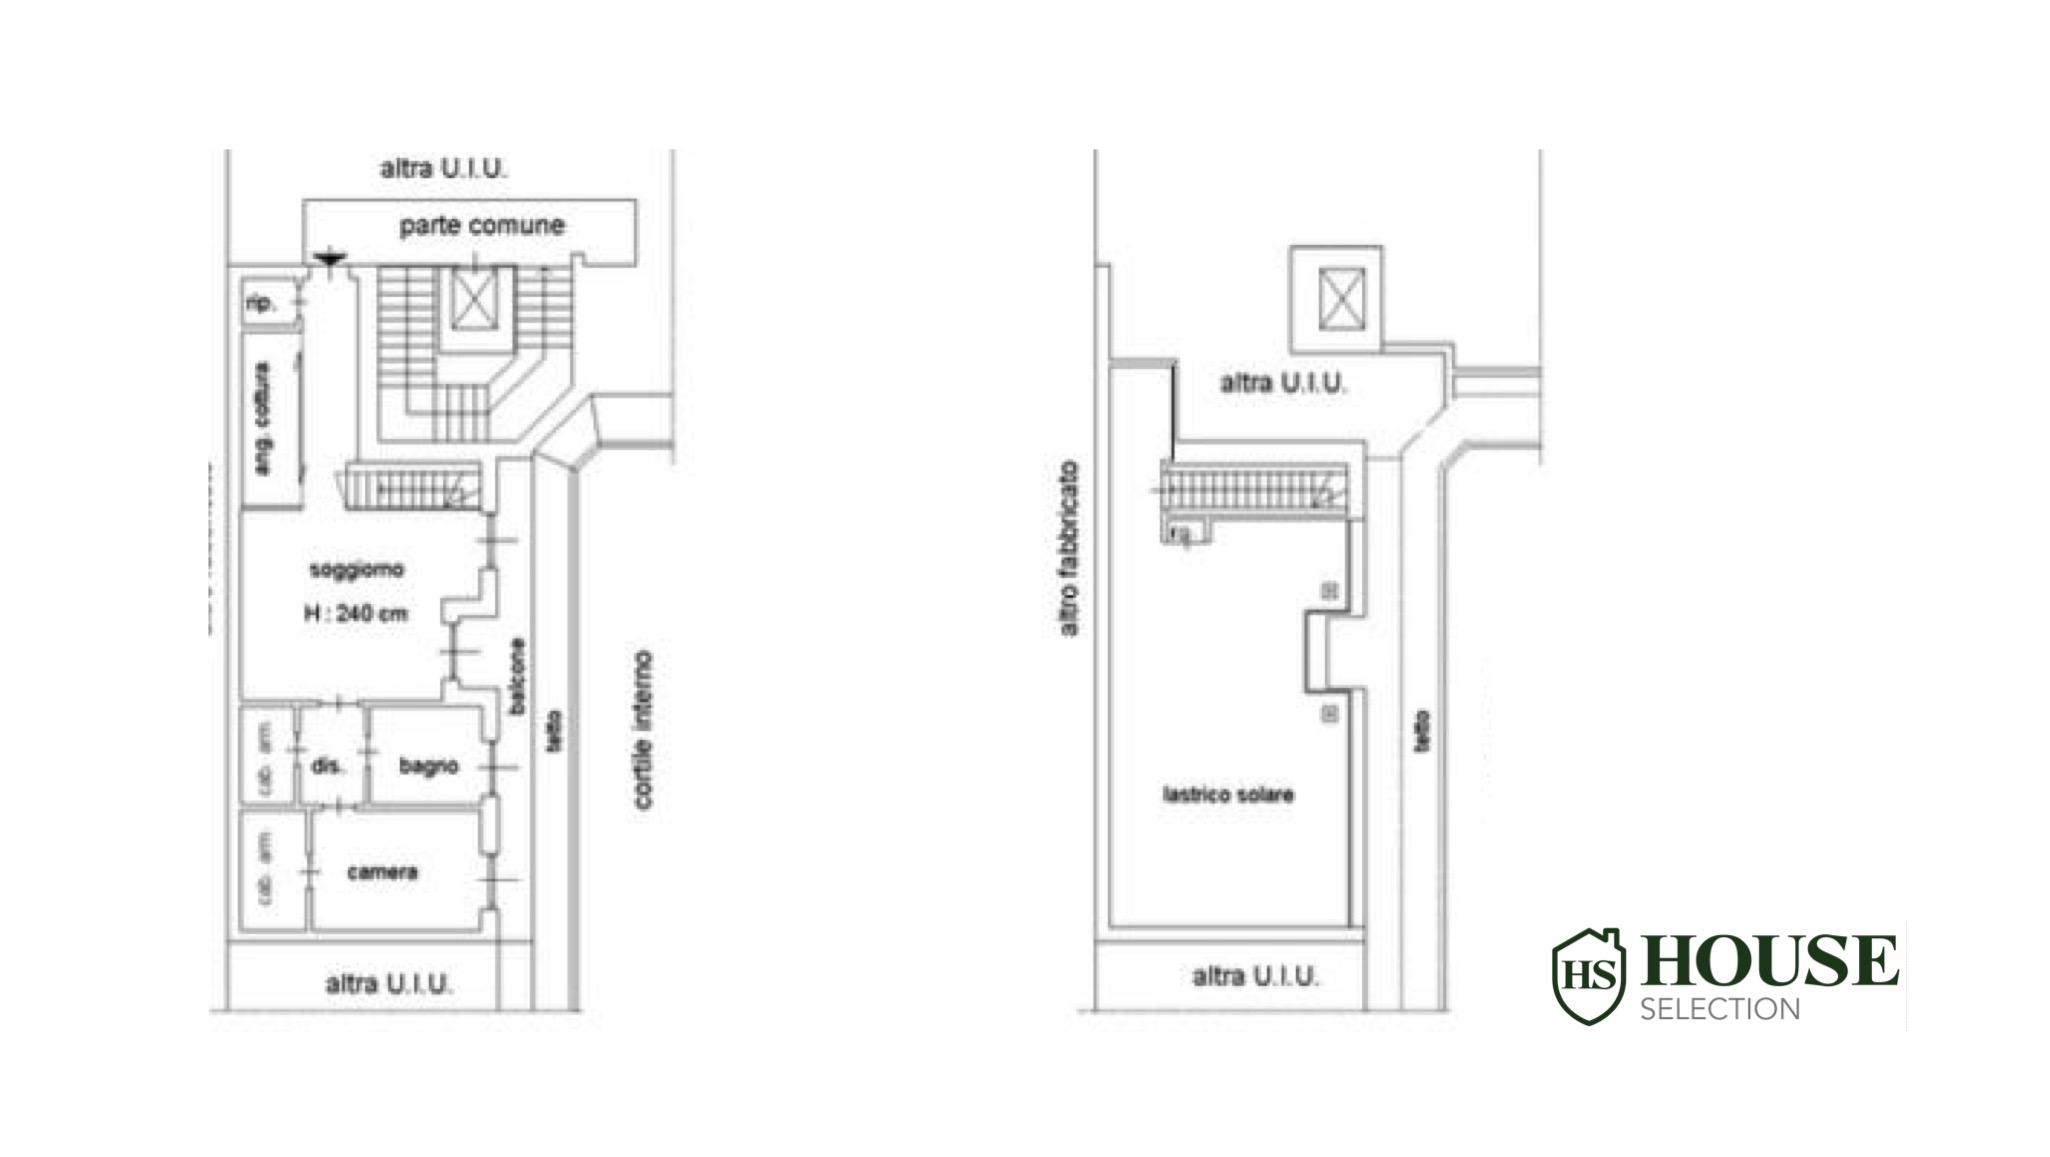 Planimetria attico via Venini